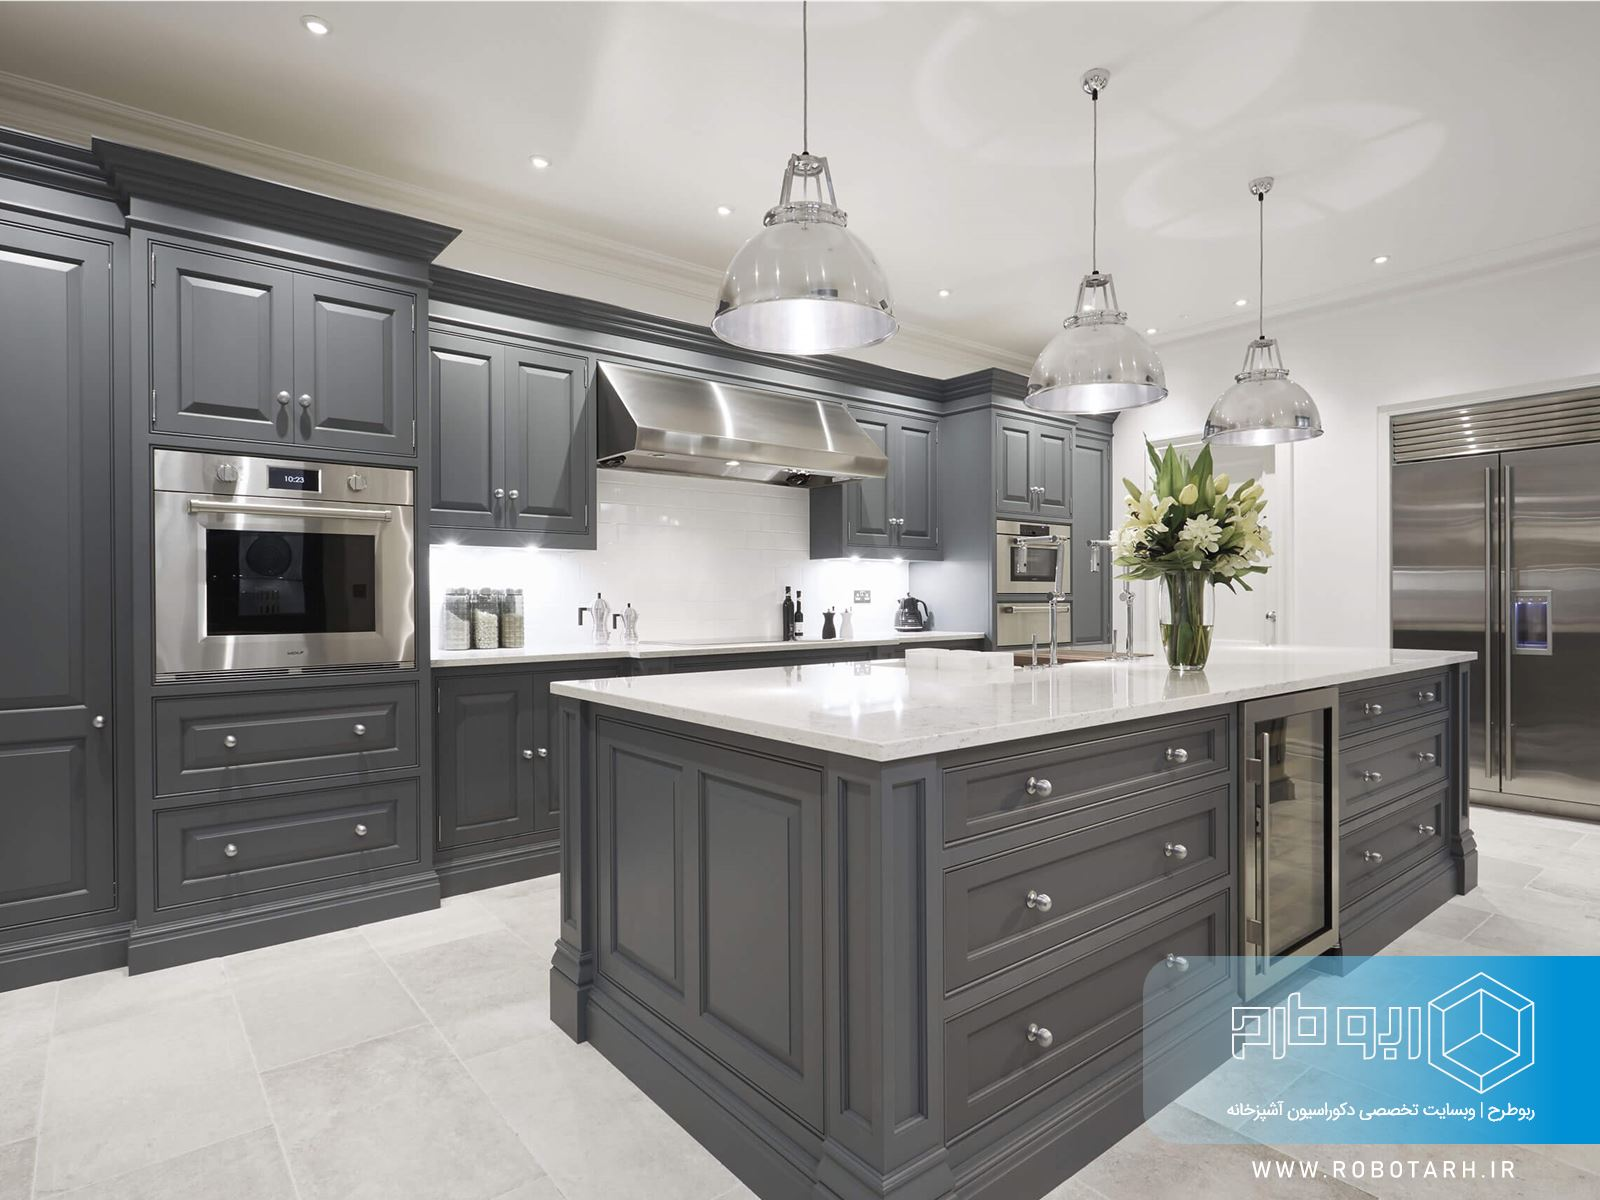 آشپزخانه کلاسیک خاکستری رنگ